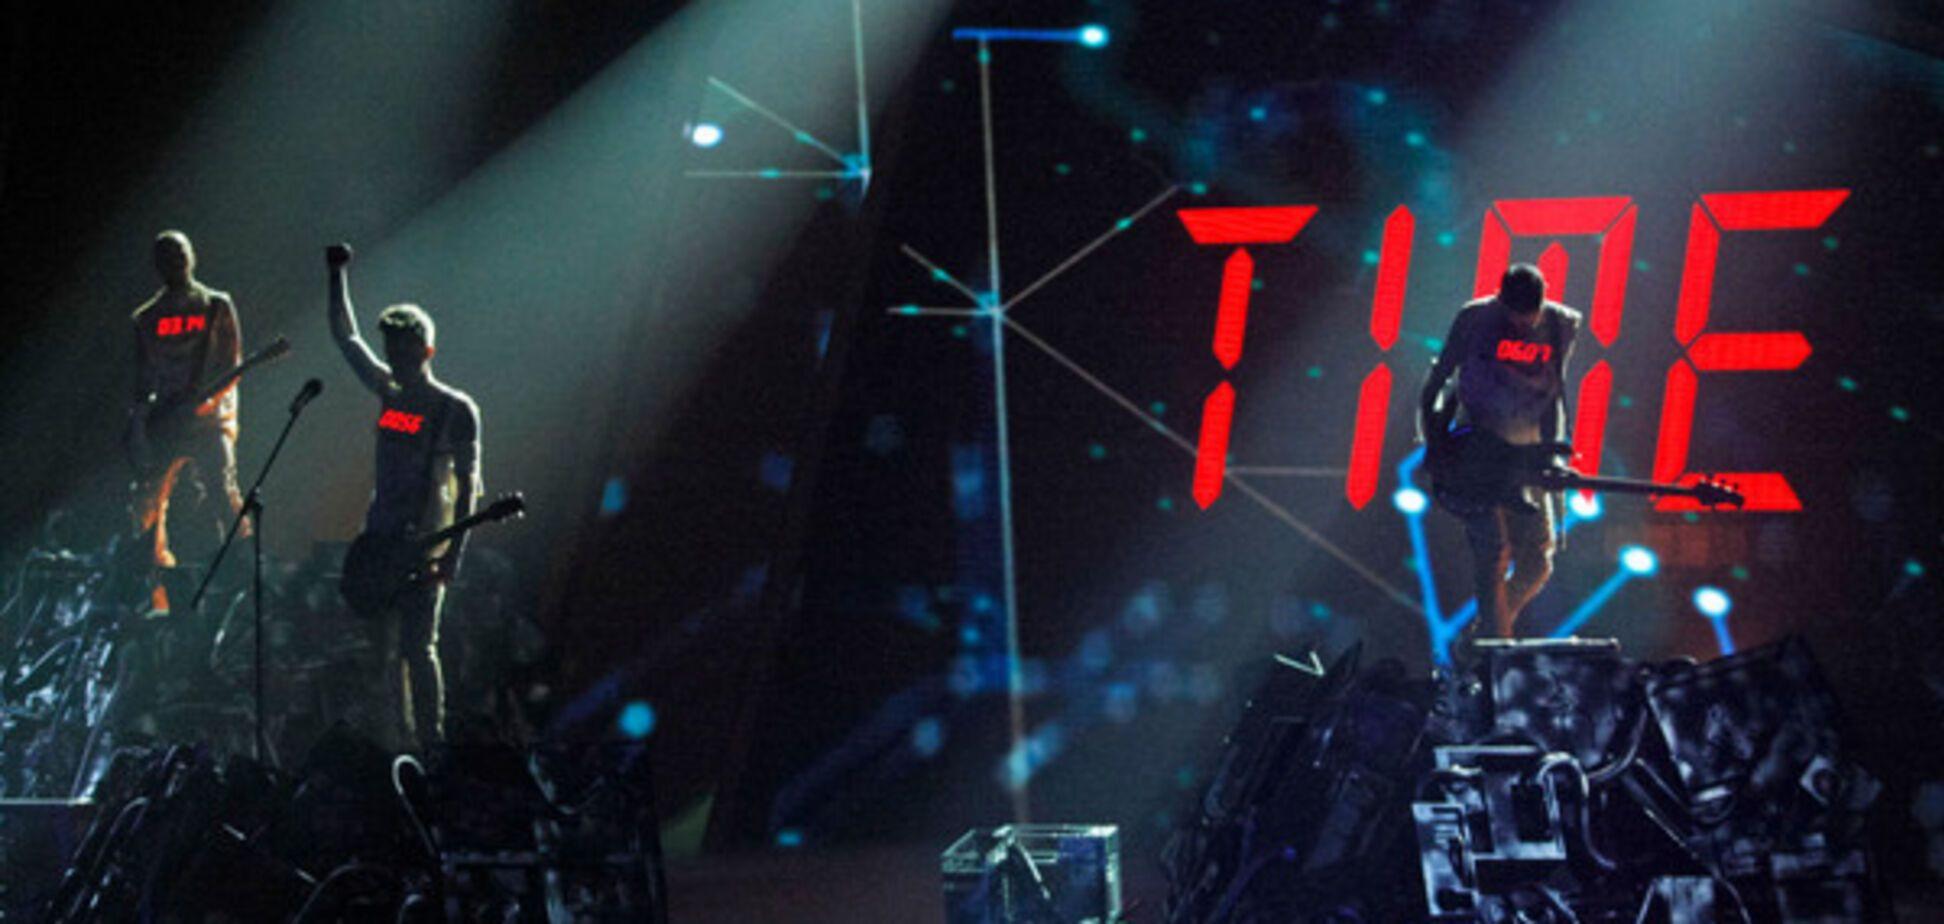 'Евровидение-2017': песню O.Torvald 'Time' исполнили на языке жестов